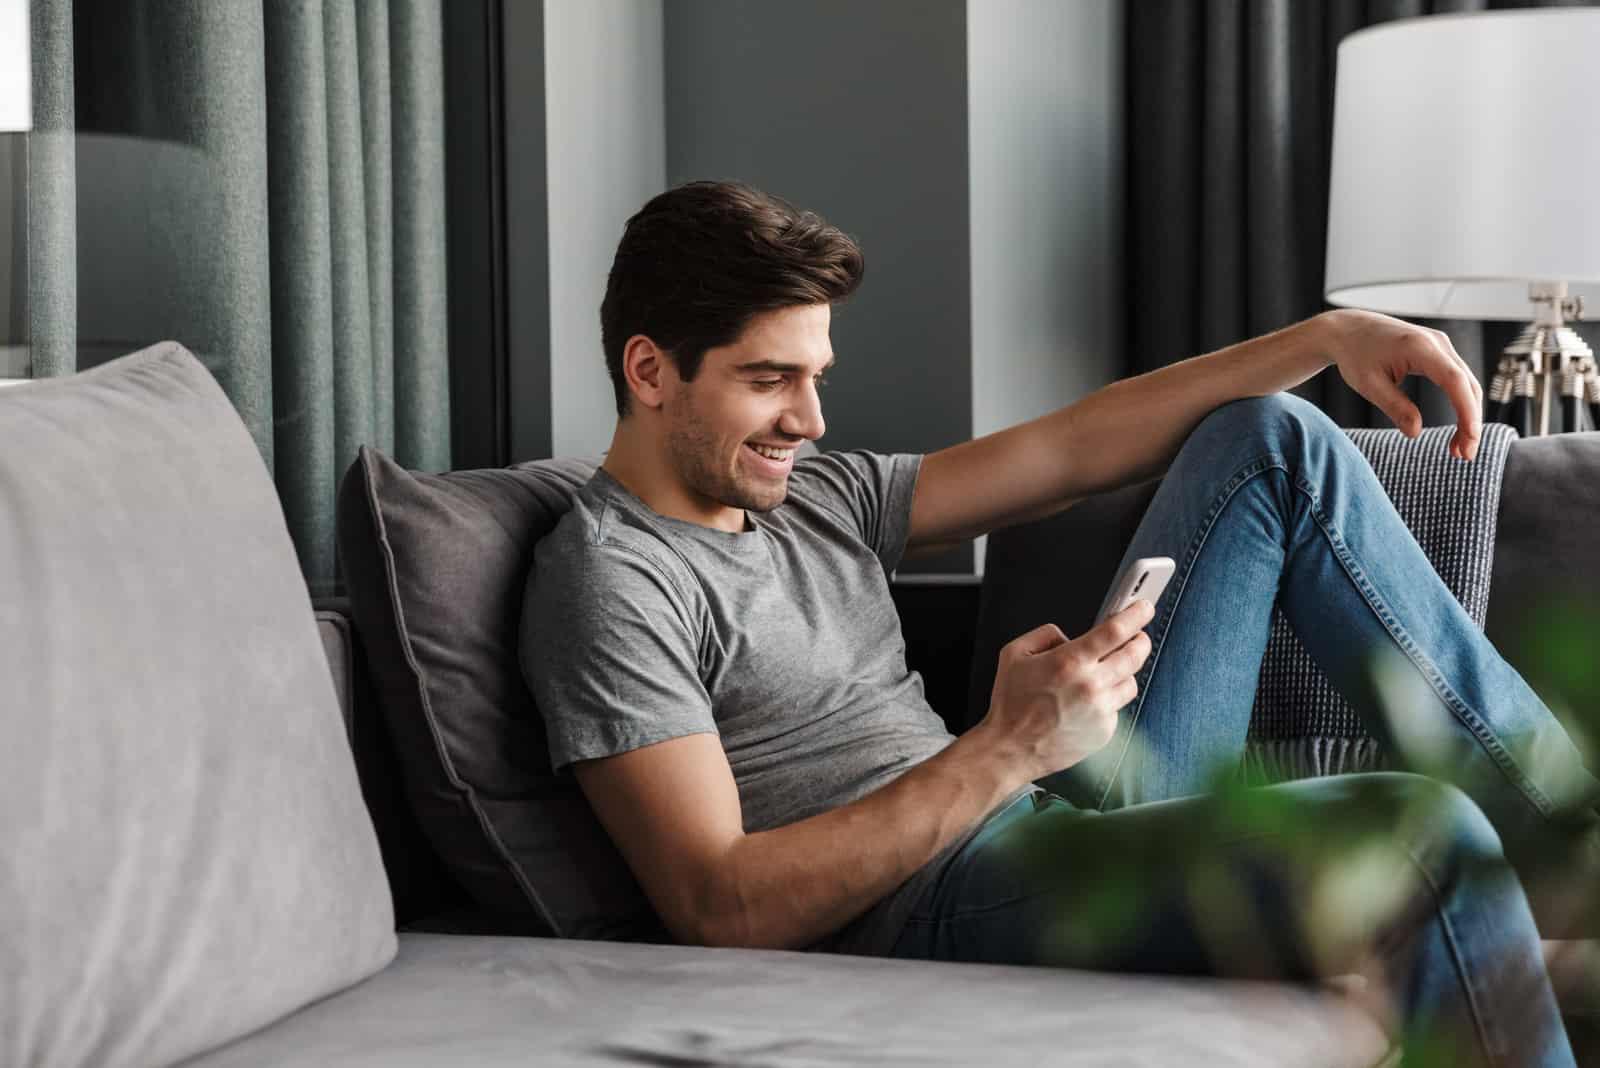 l'homme est allongé sur le canapé et les touches du téléphone